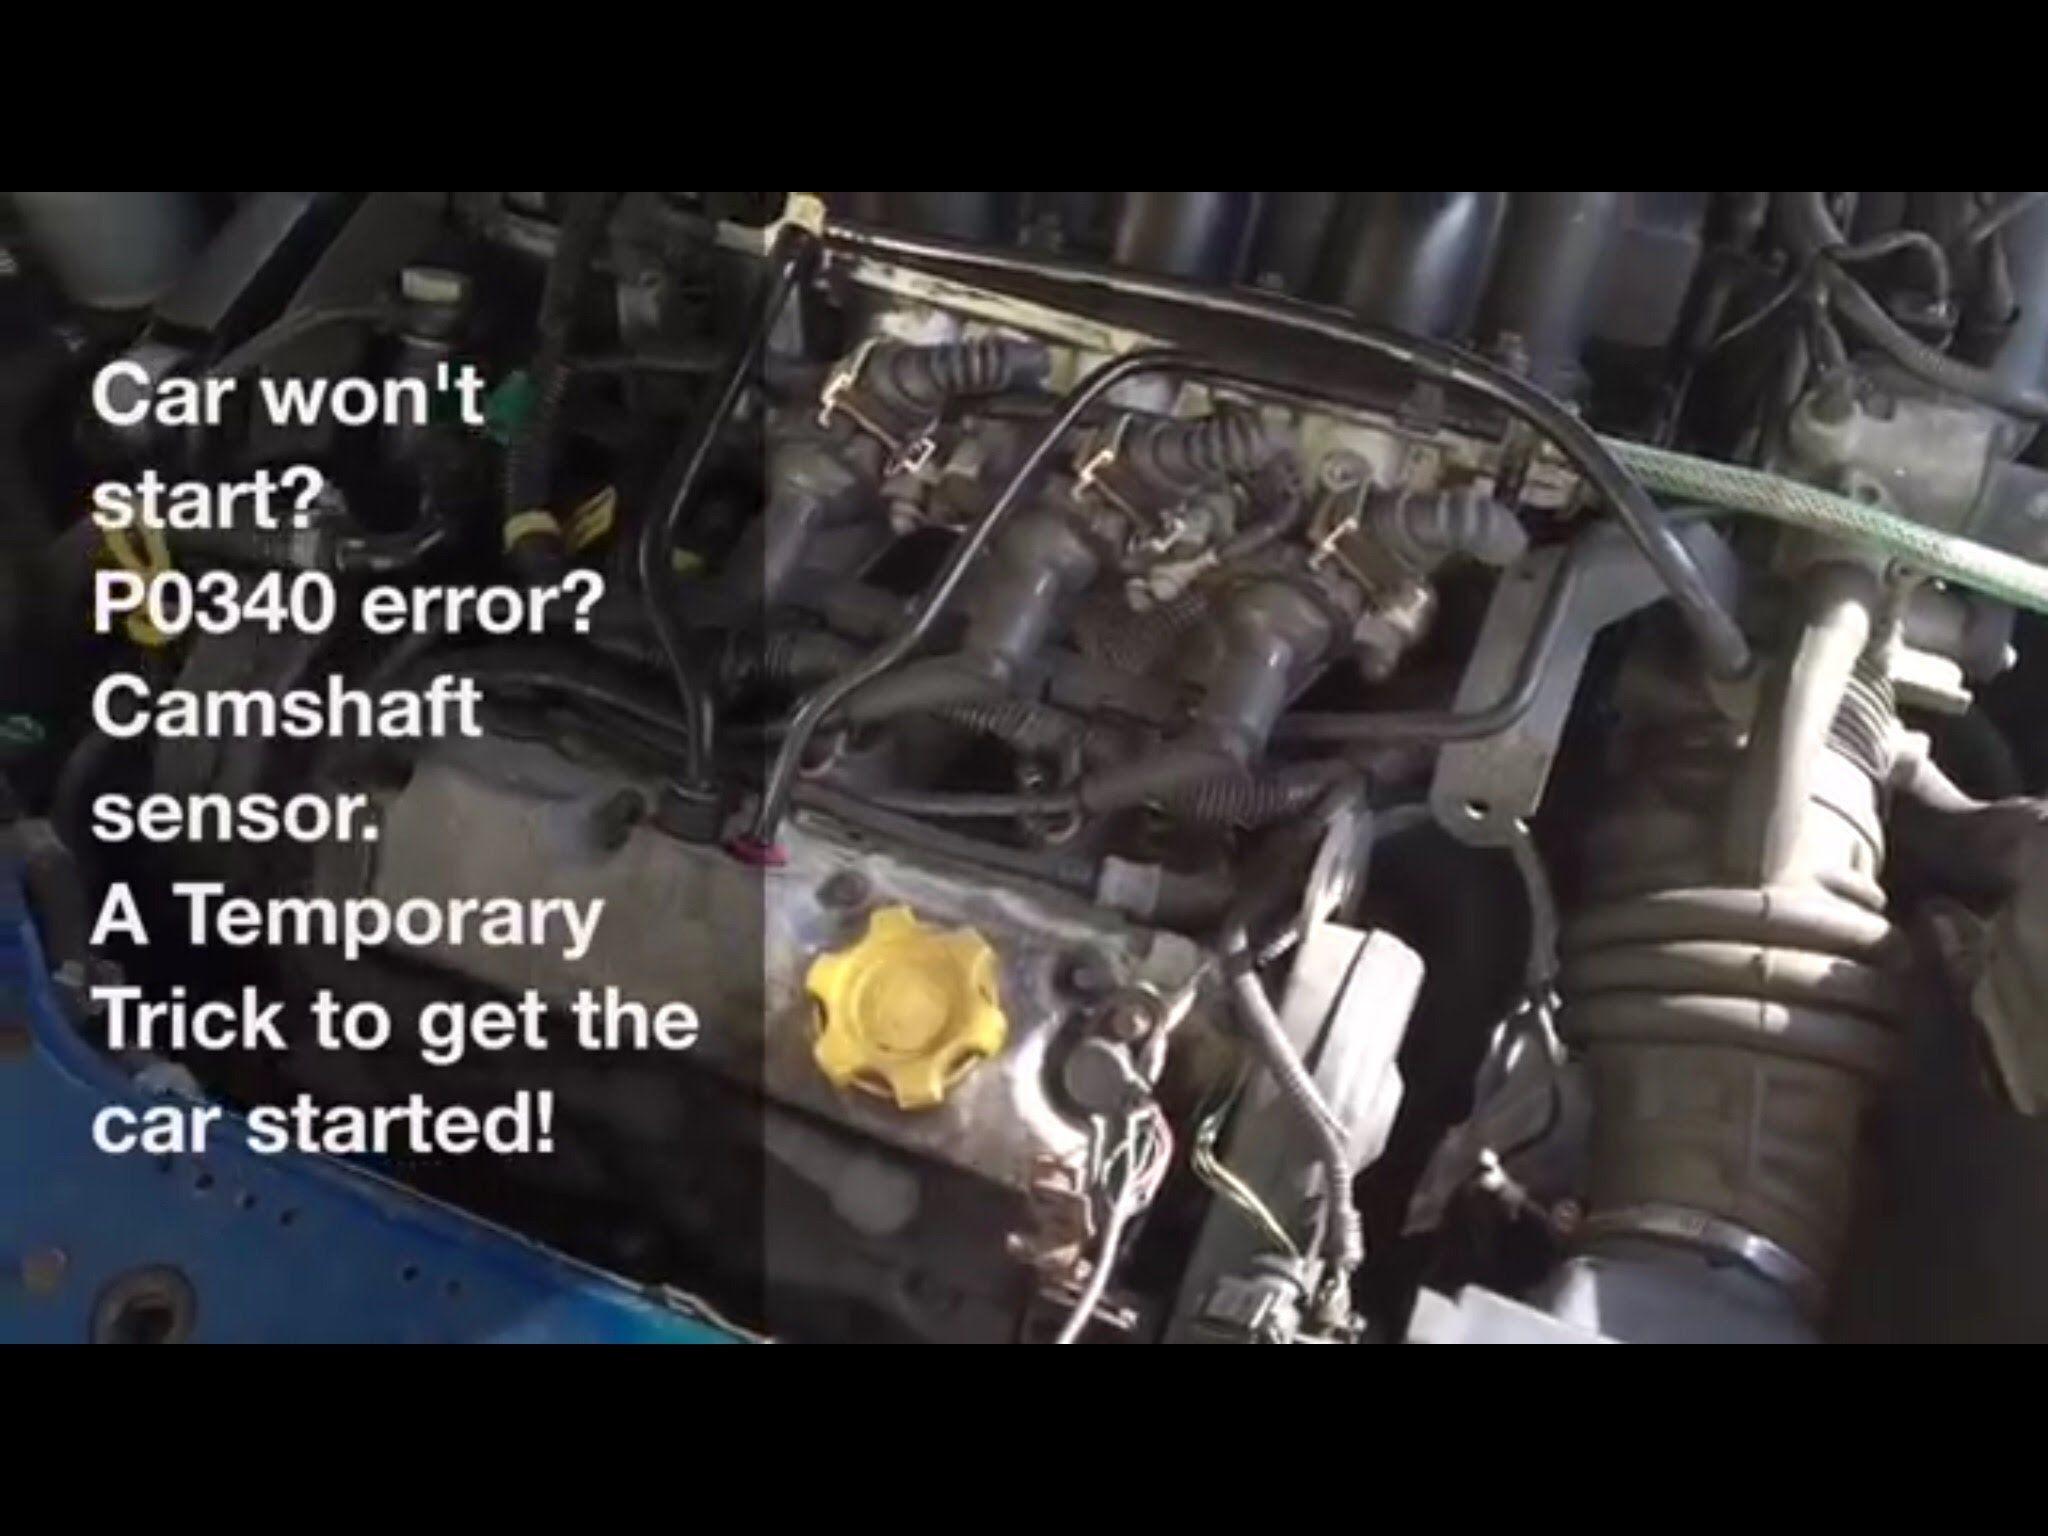 P0340 Error Car Won T Start Here S A Quick Fix For Camshaft Sensor Sensor Car Quick